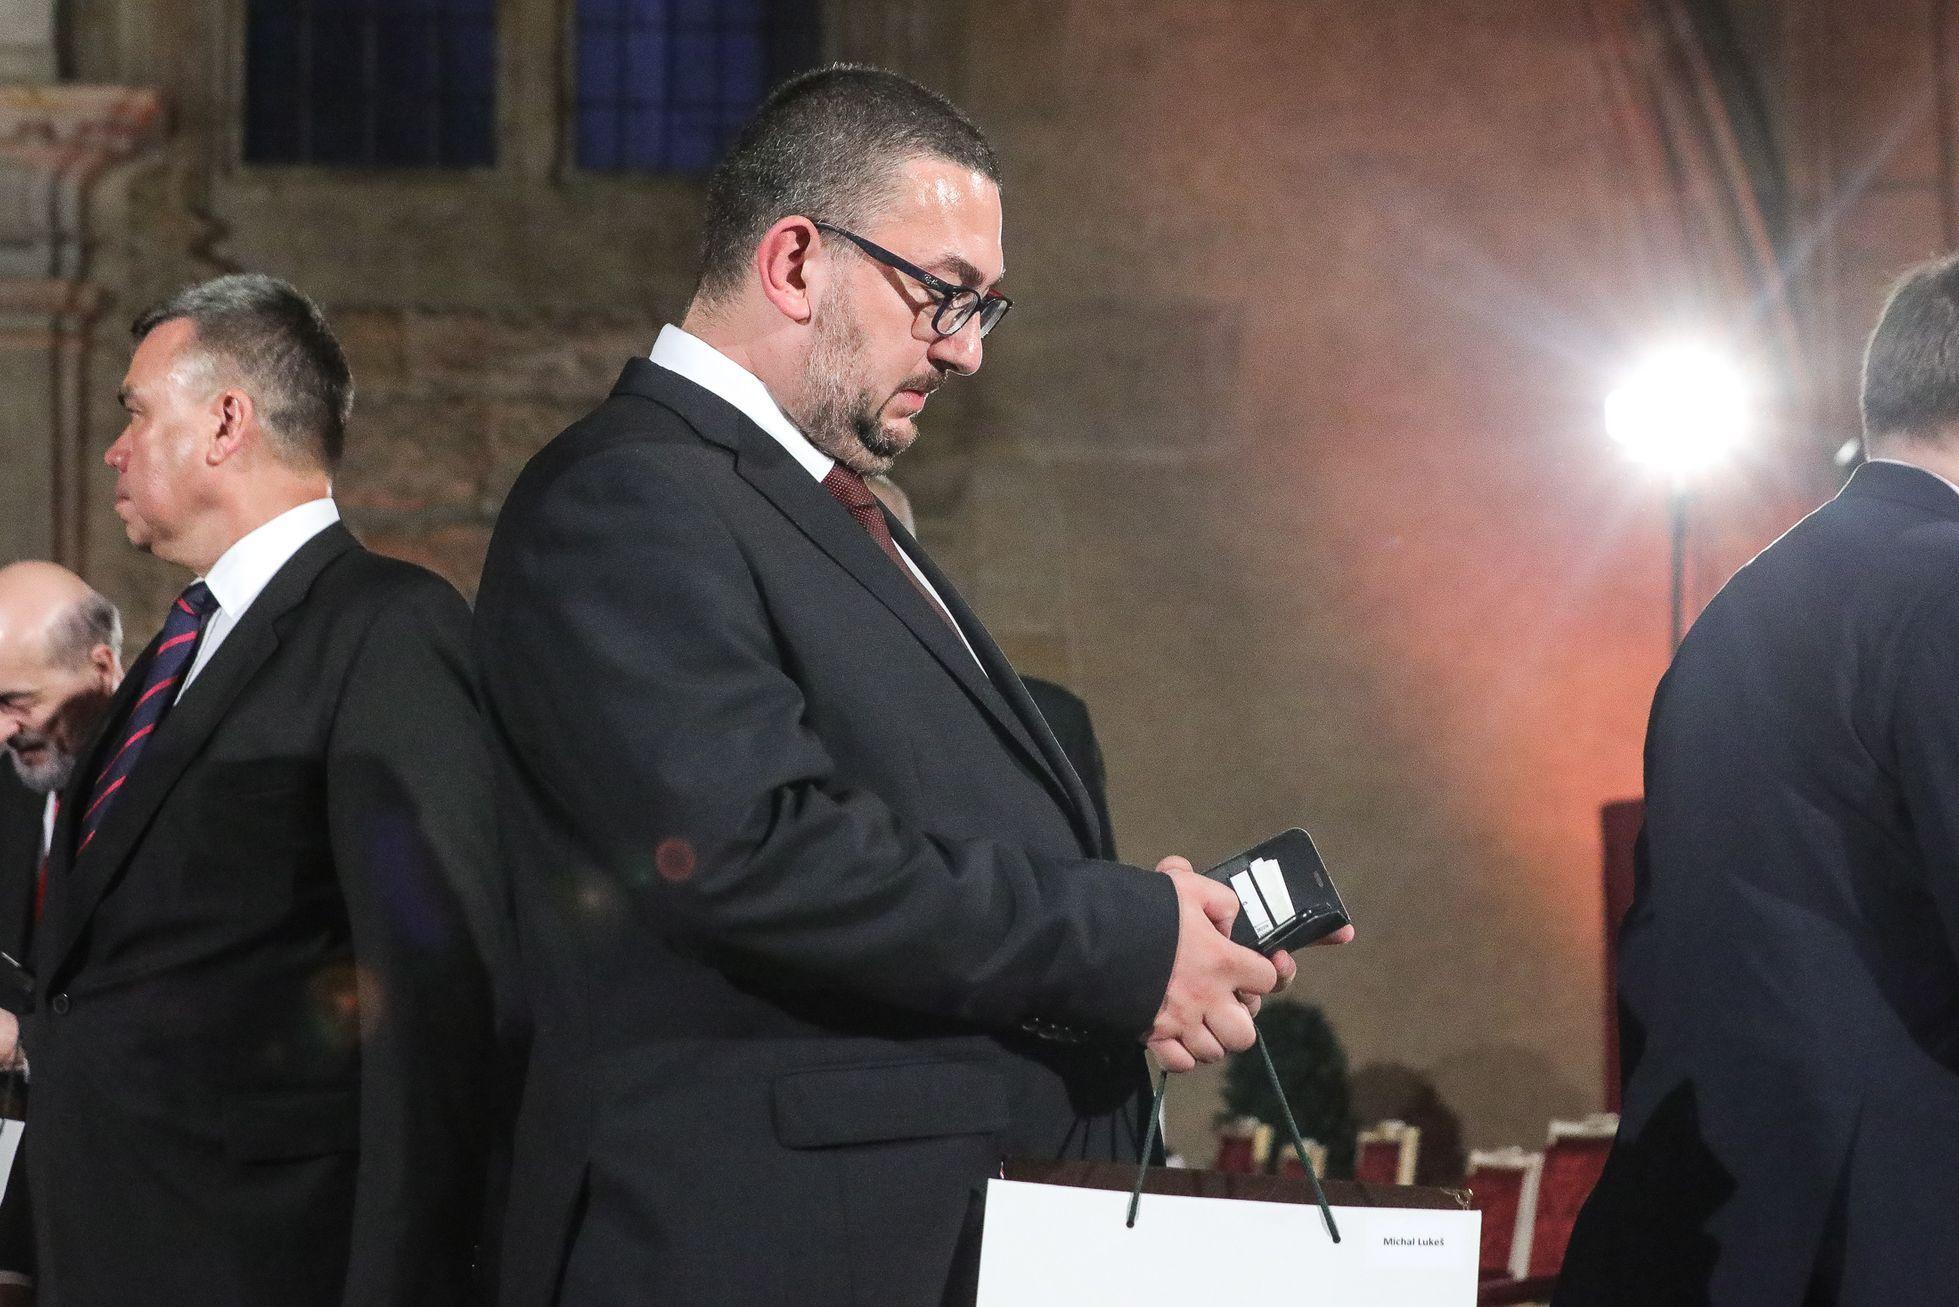 Jiní médiím nemávali, jako třeba šéf Národního muzea Michal Lukeš. A Jaromír Jágr rovnou odešel z pódia zadem, mimo pohledy kamer.